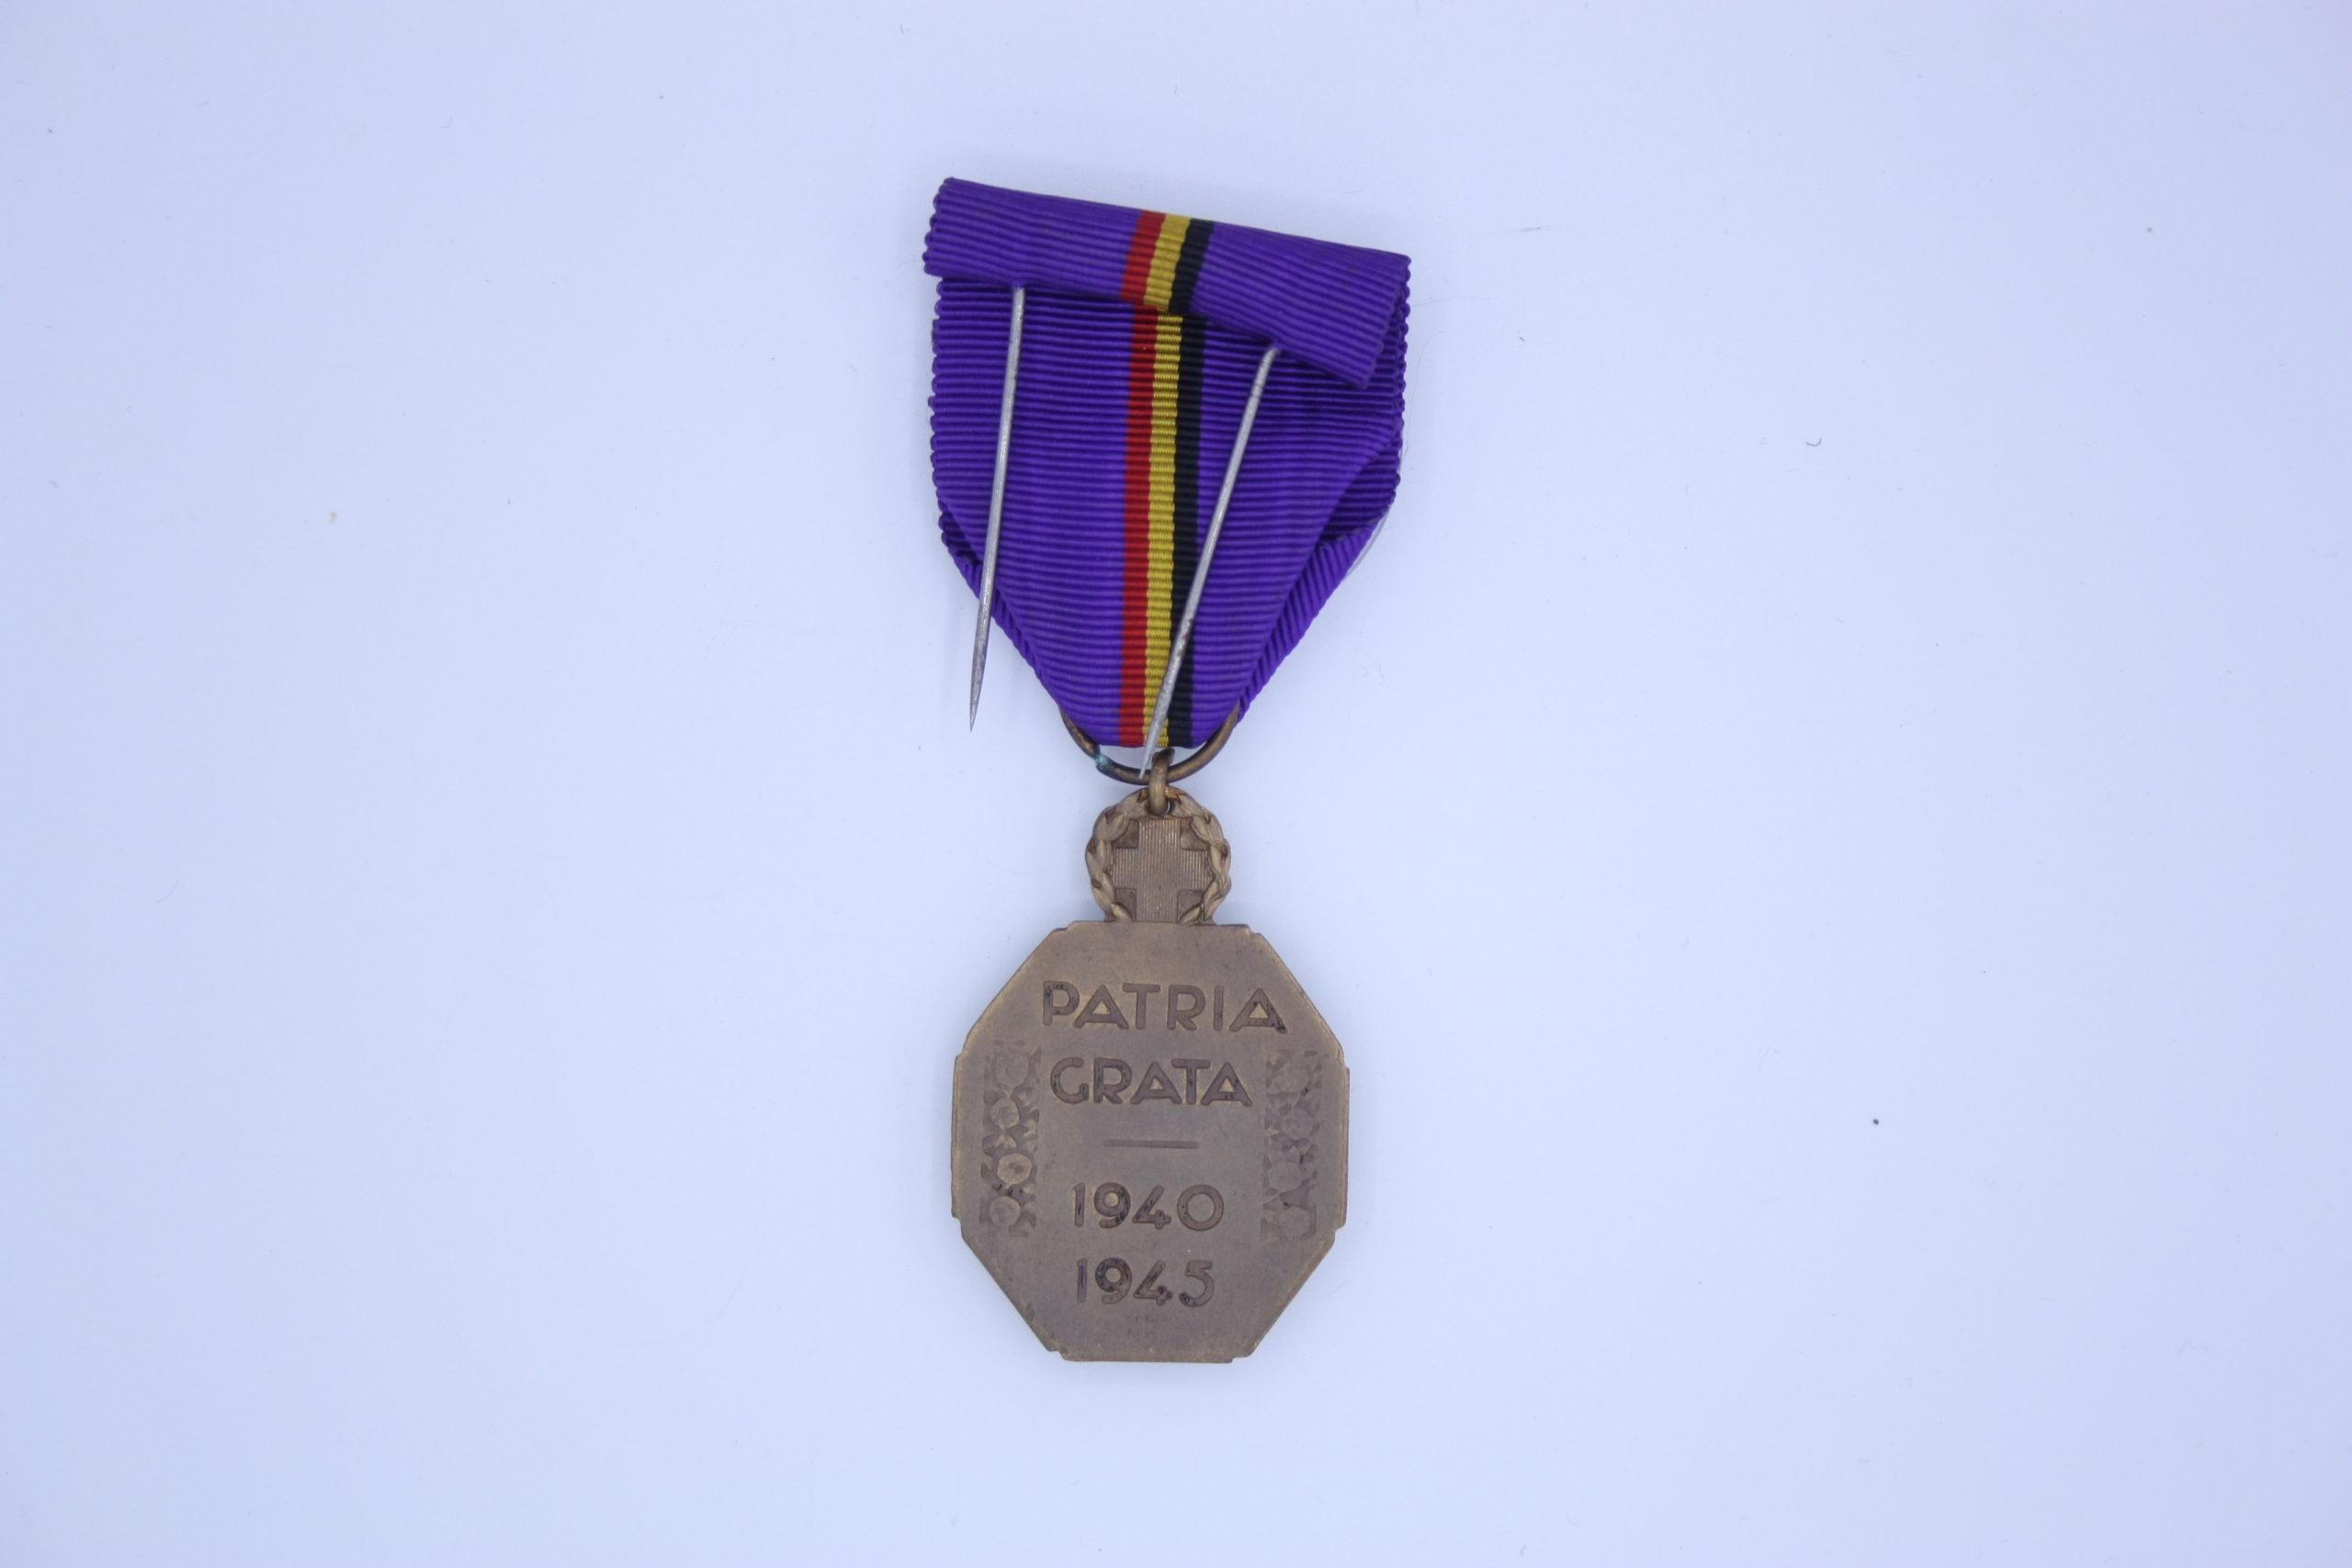 Décoration Belgique - Médaille de la reconnaissance Belge 1940-1945